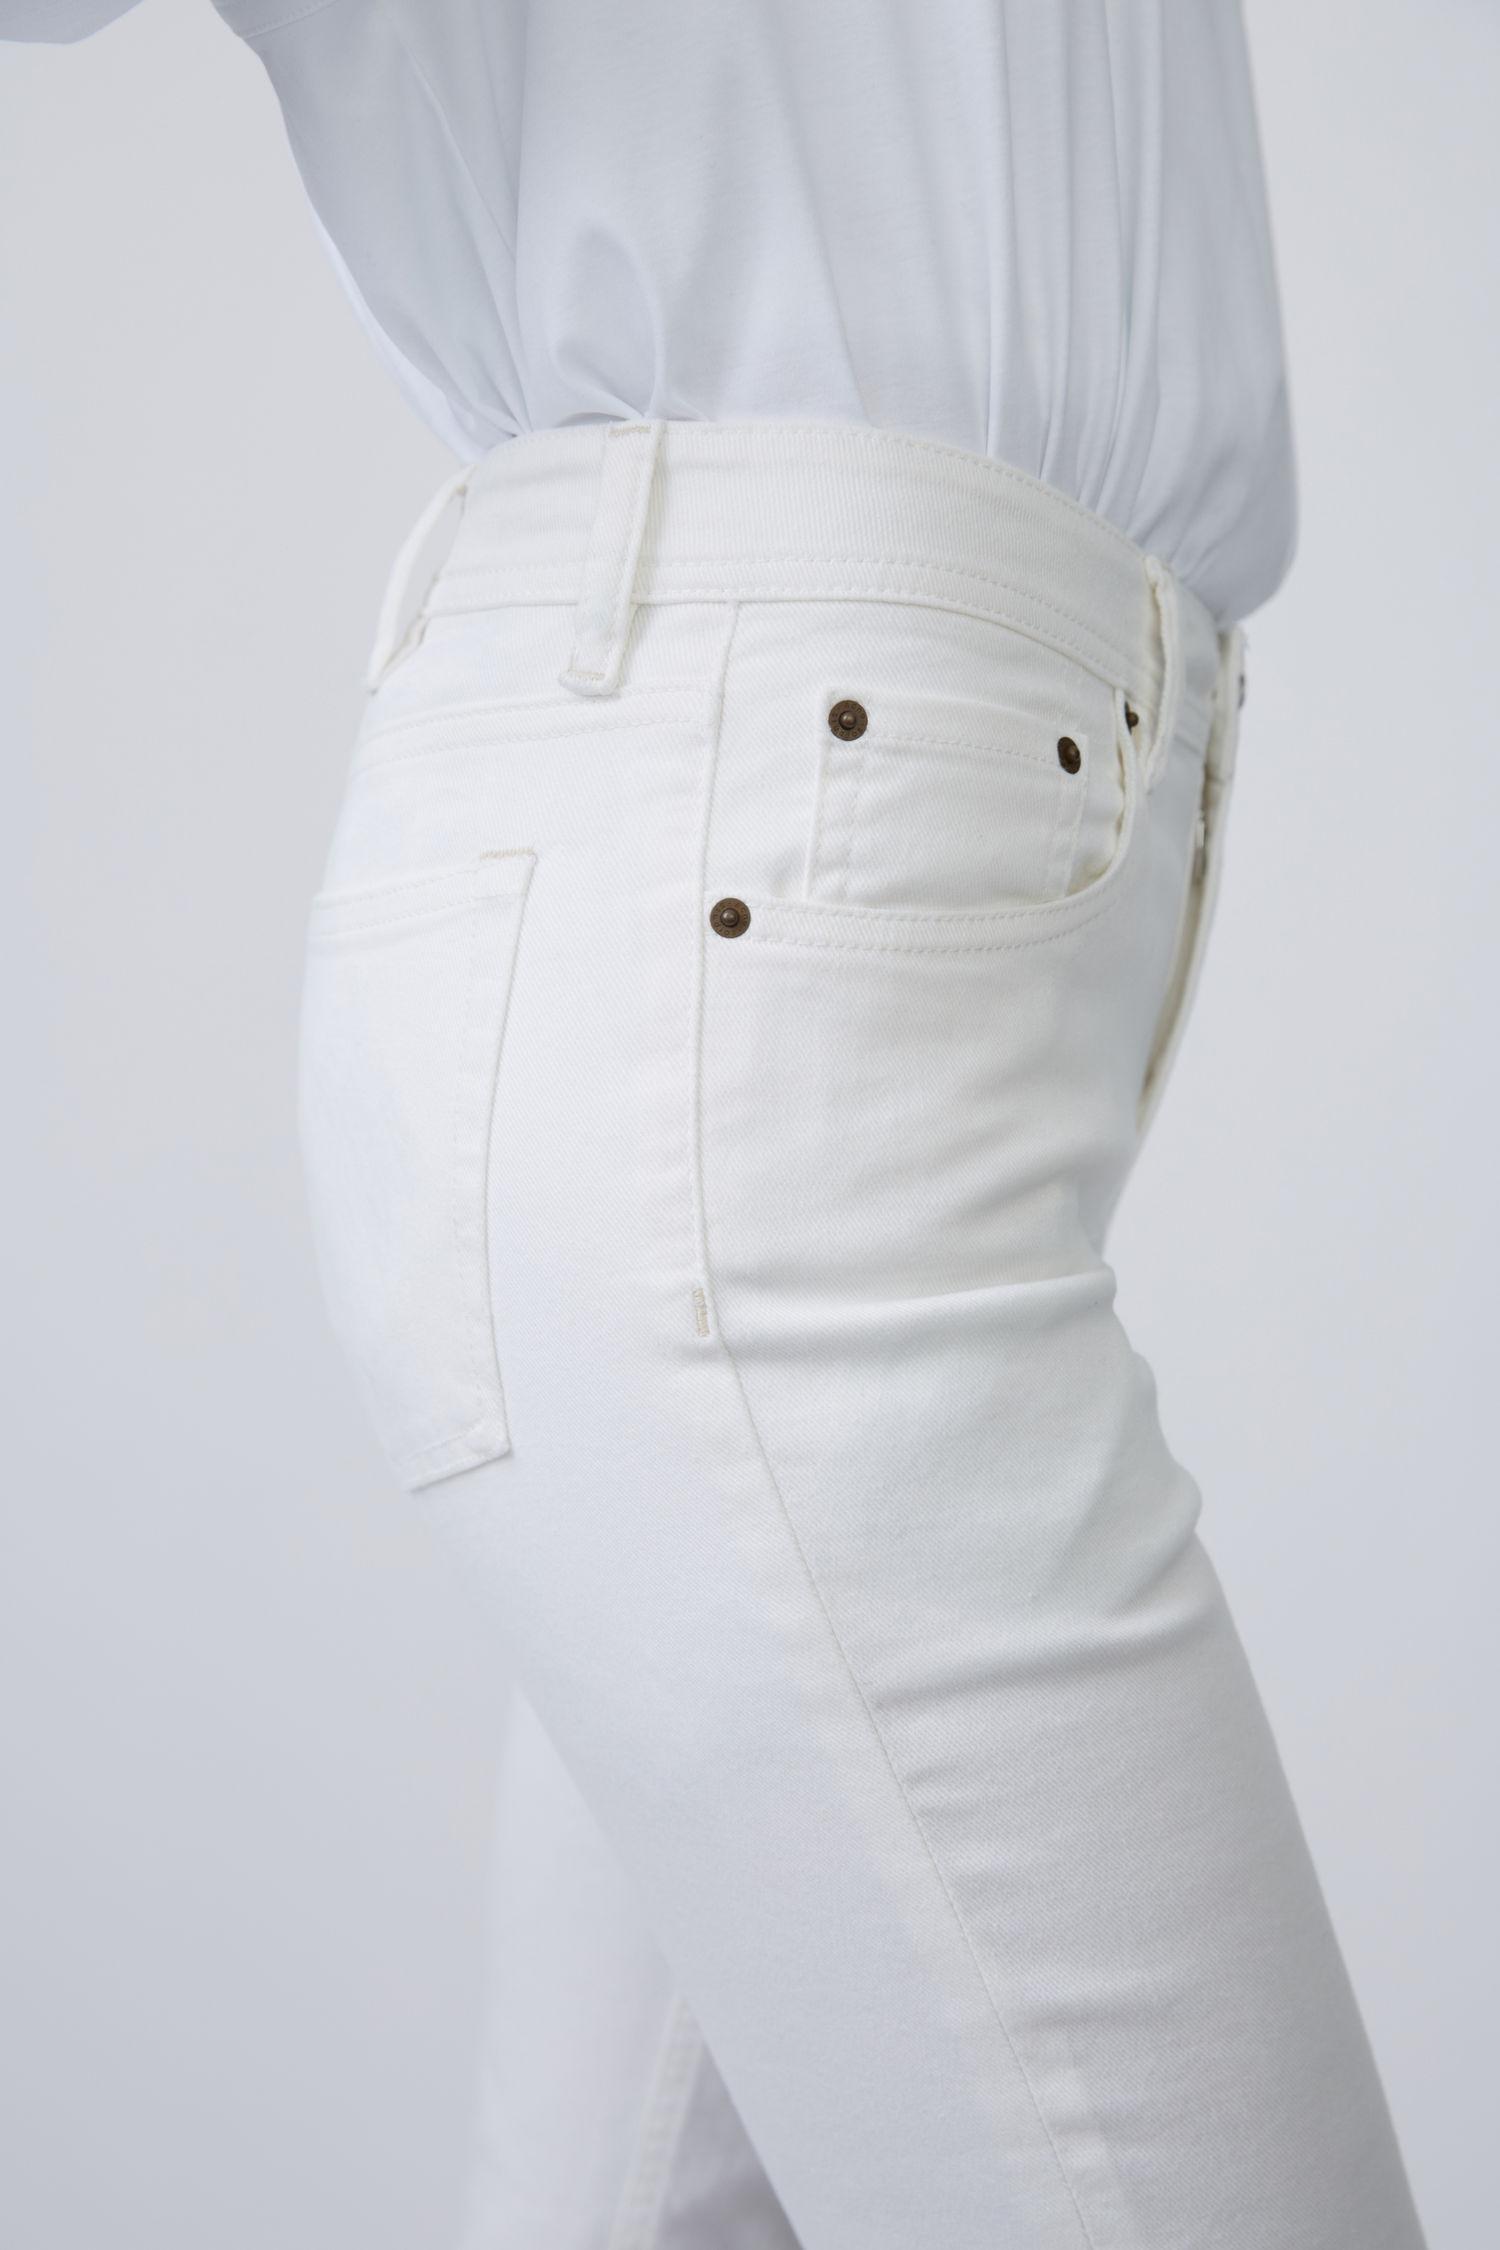 Acne Studios Denim Stretch Fit Jeans in White